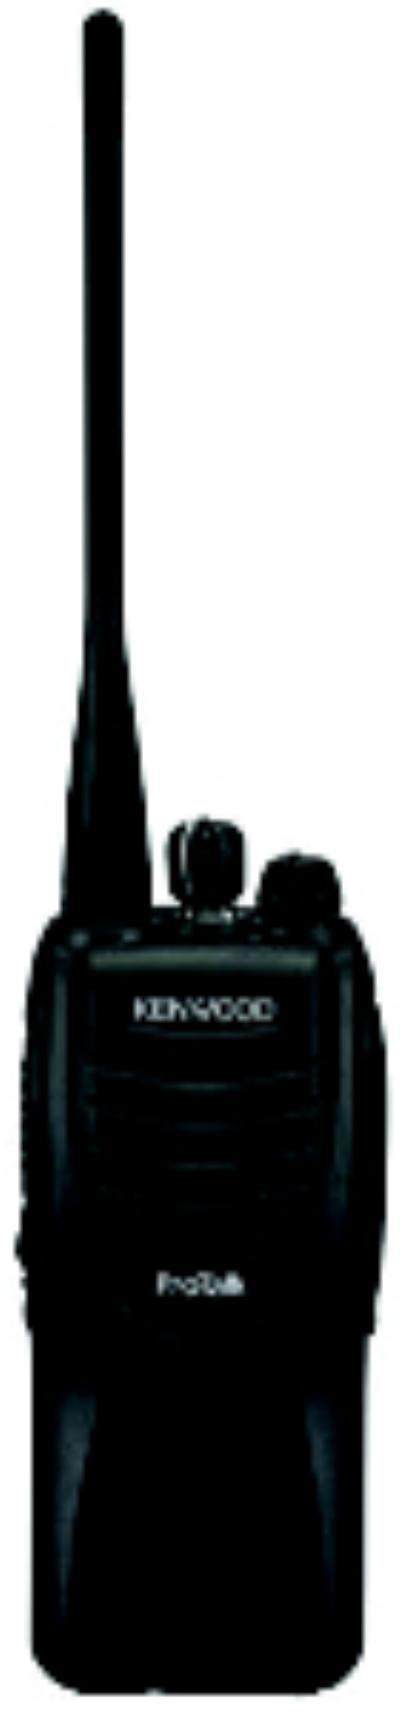 Pro-Talk 5 Watts Portable UHF Radio